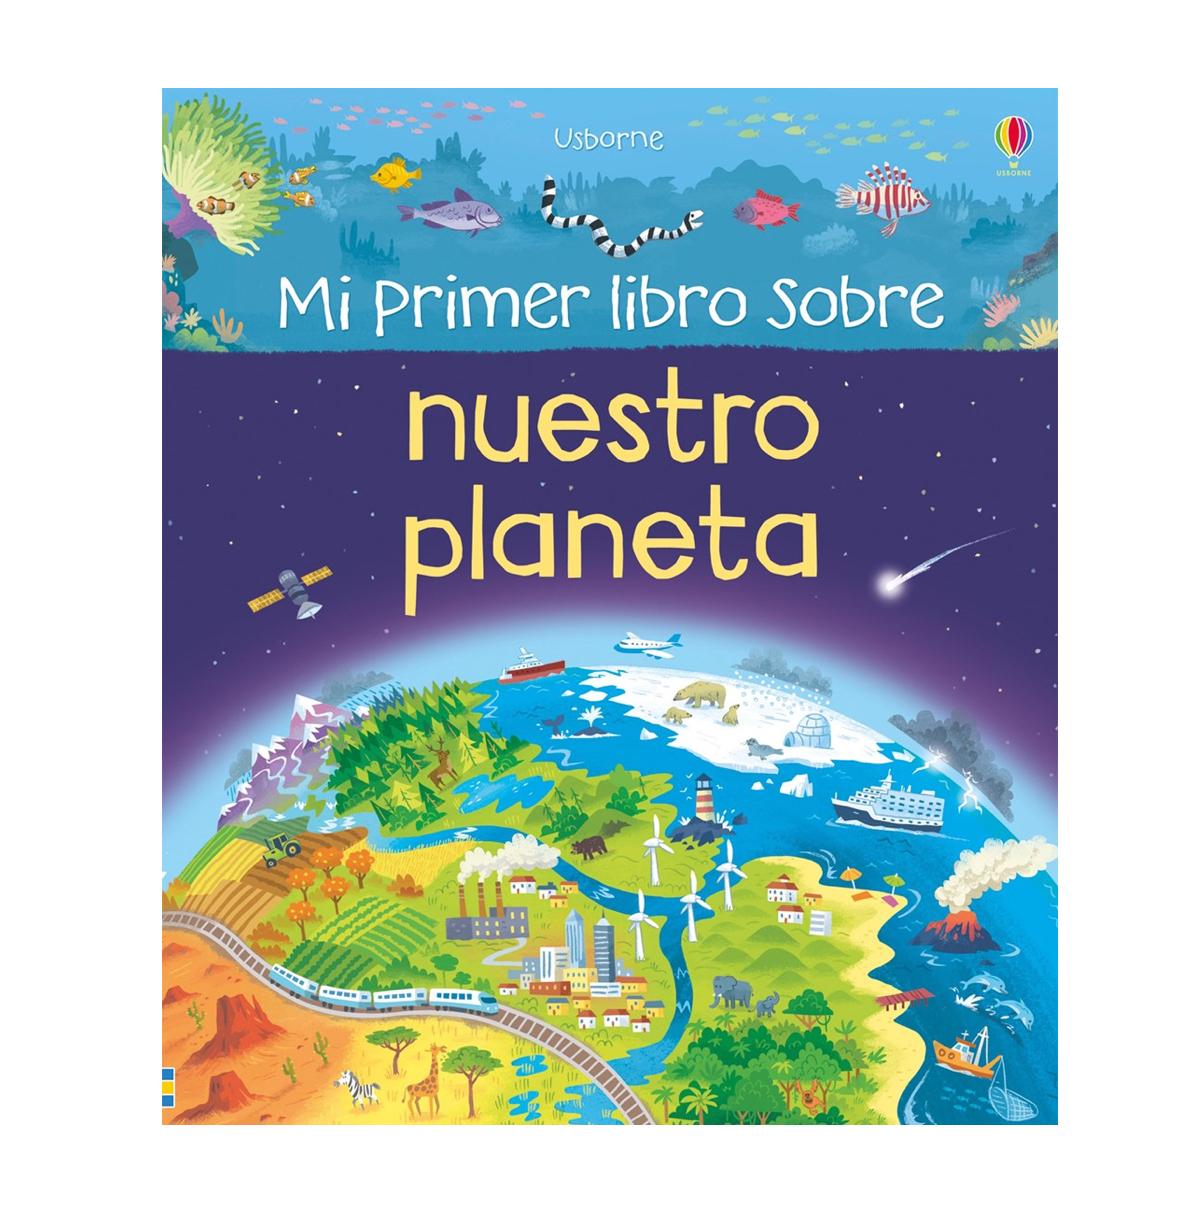 mi-primer-libro-sobre-nuestro-planeta-de-usborne-en-el-mundo-de-mico